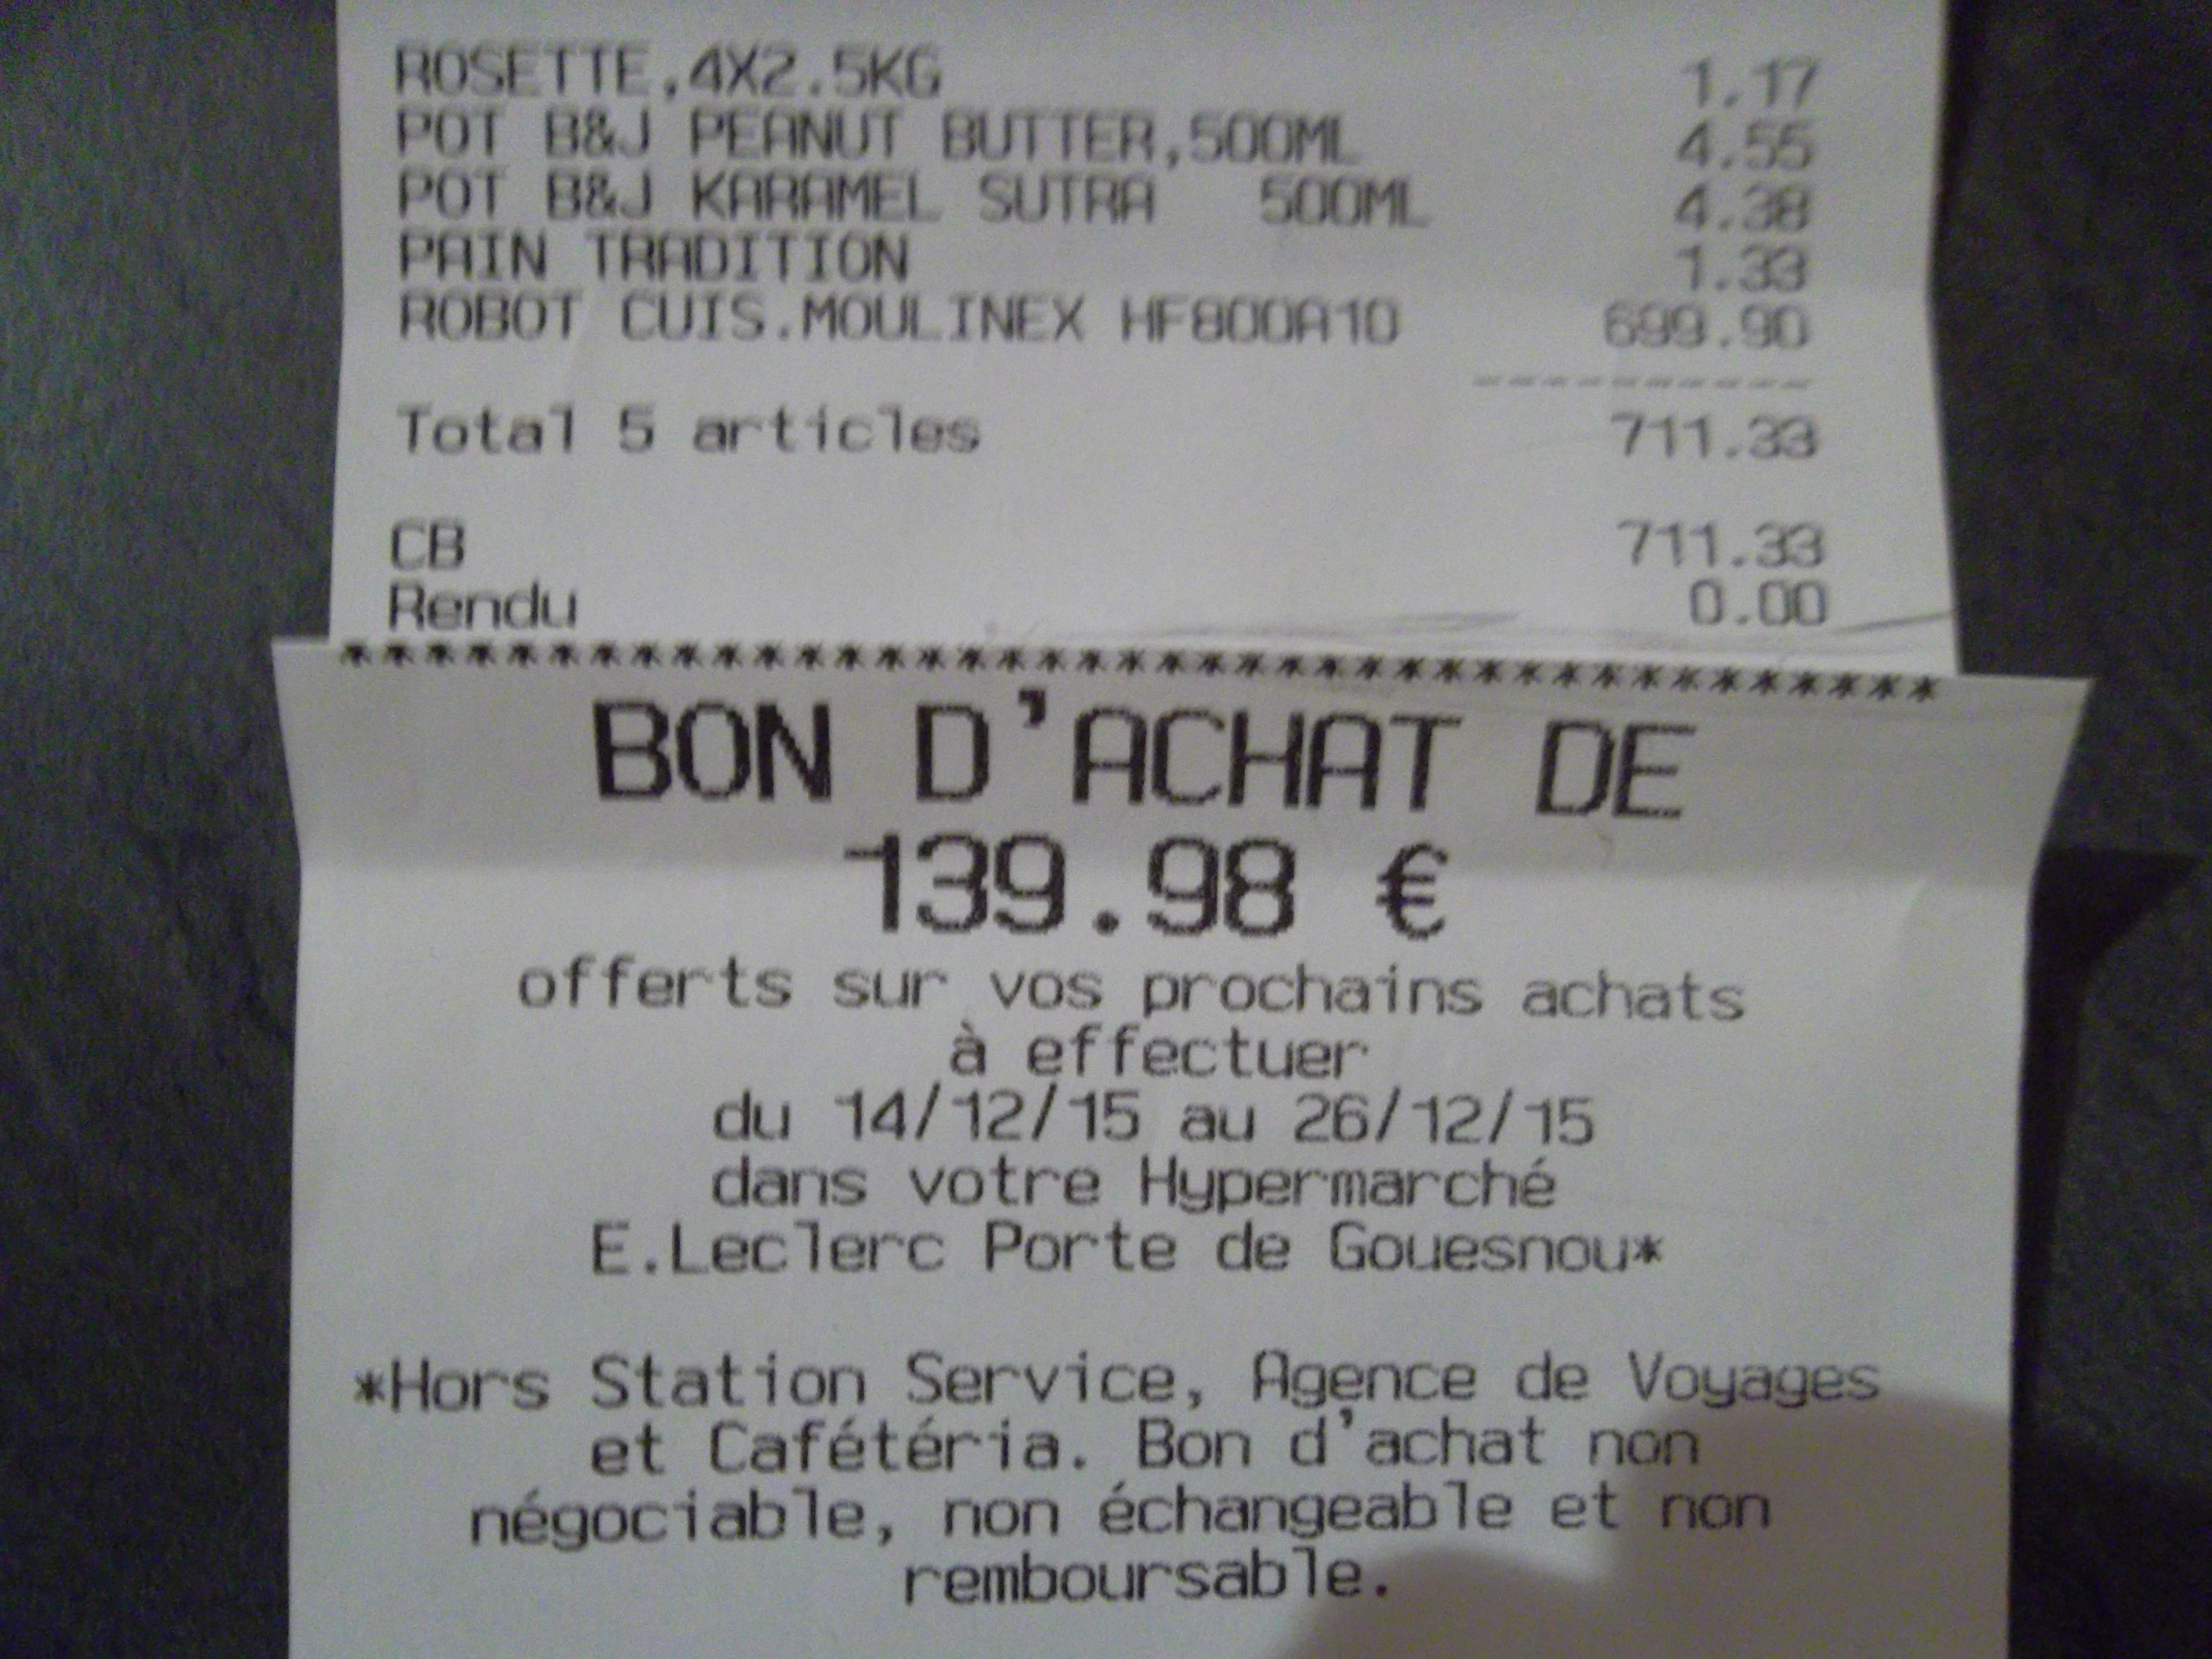 Robot cuiseur Moulinex Companion HF800A (139.98€ sur la carte)